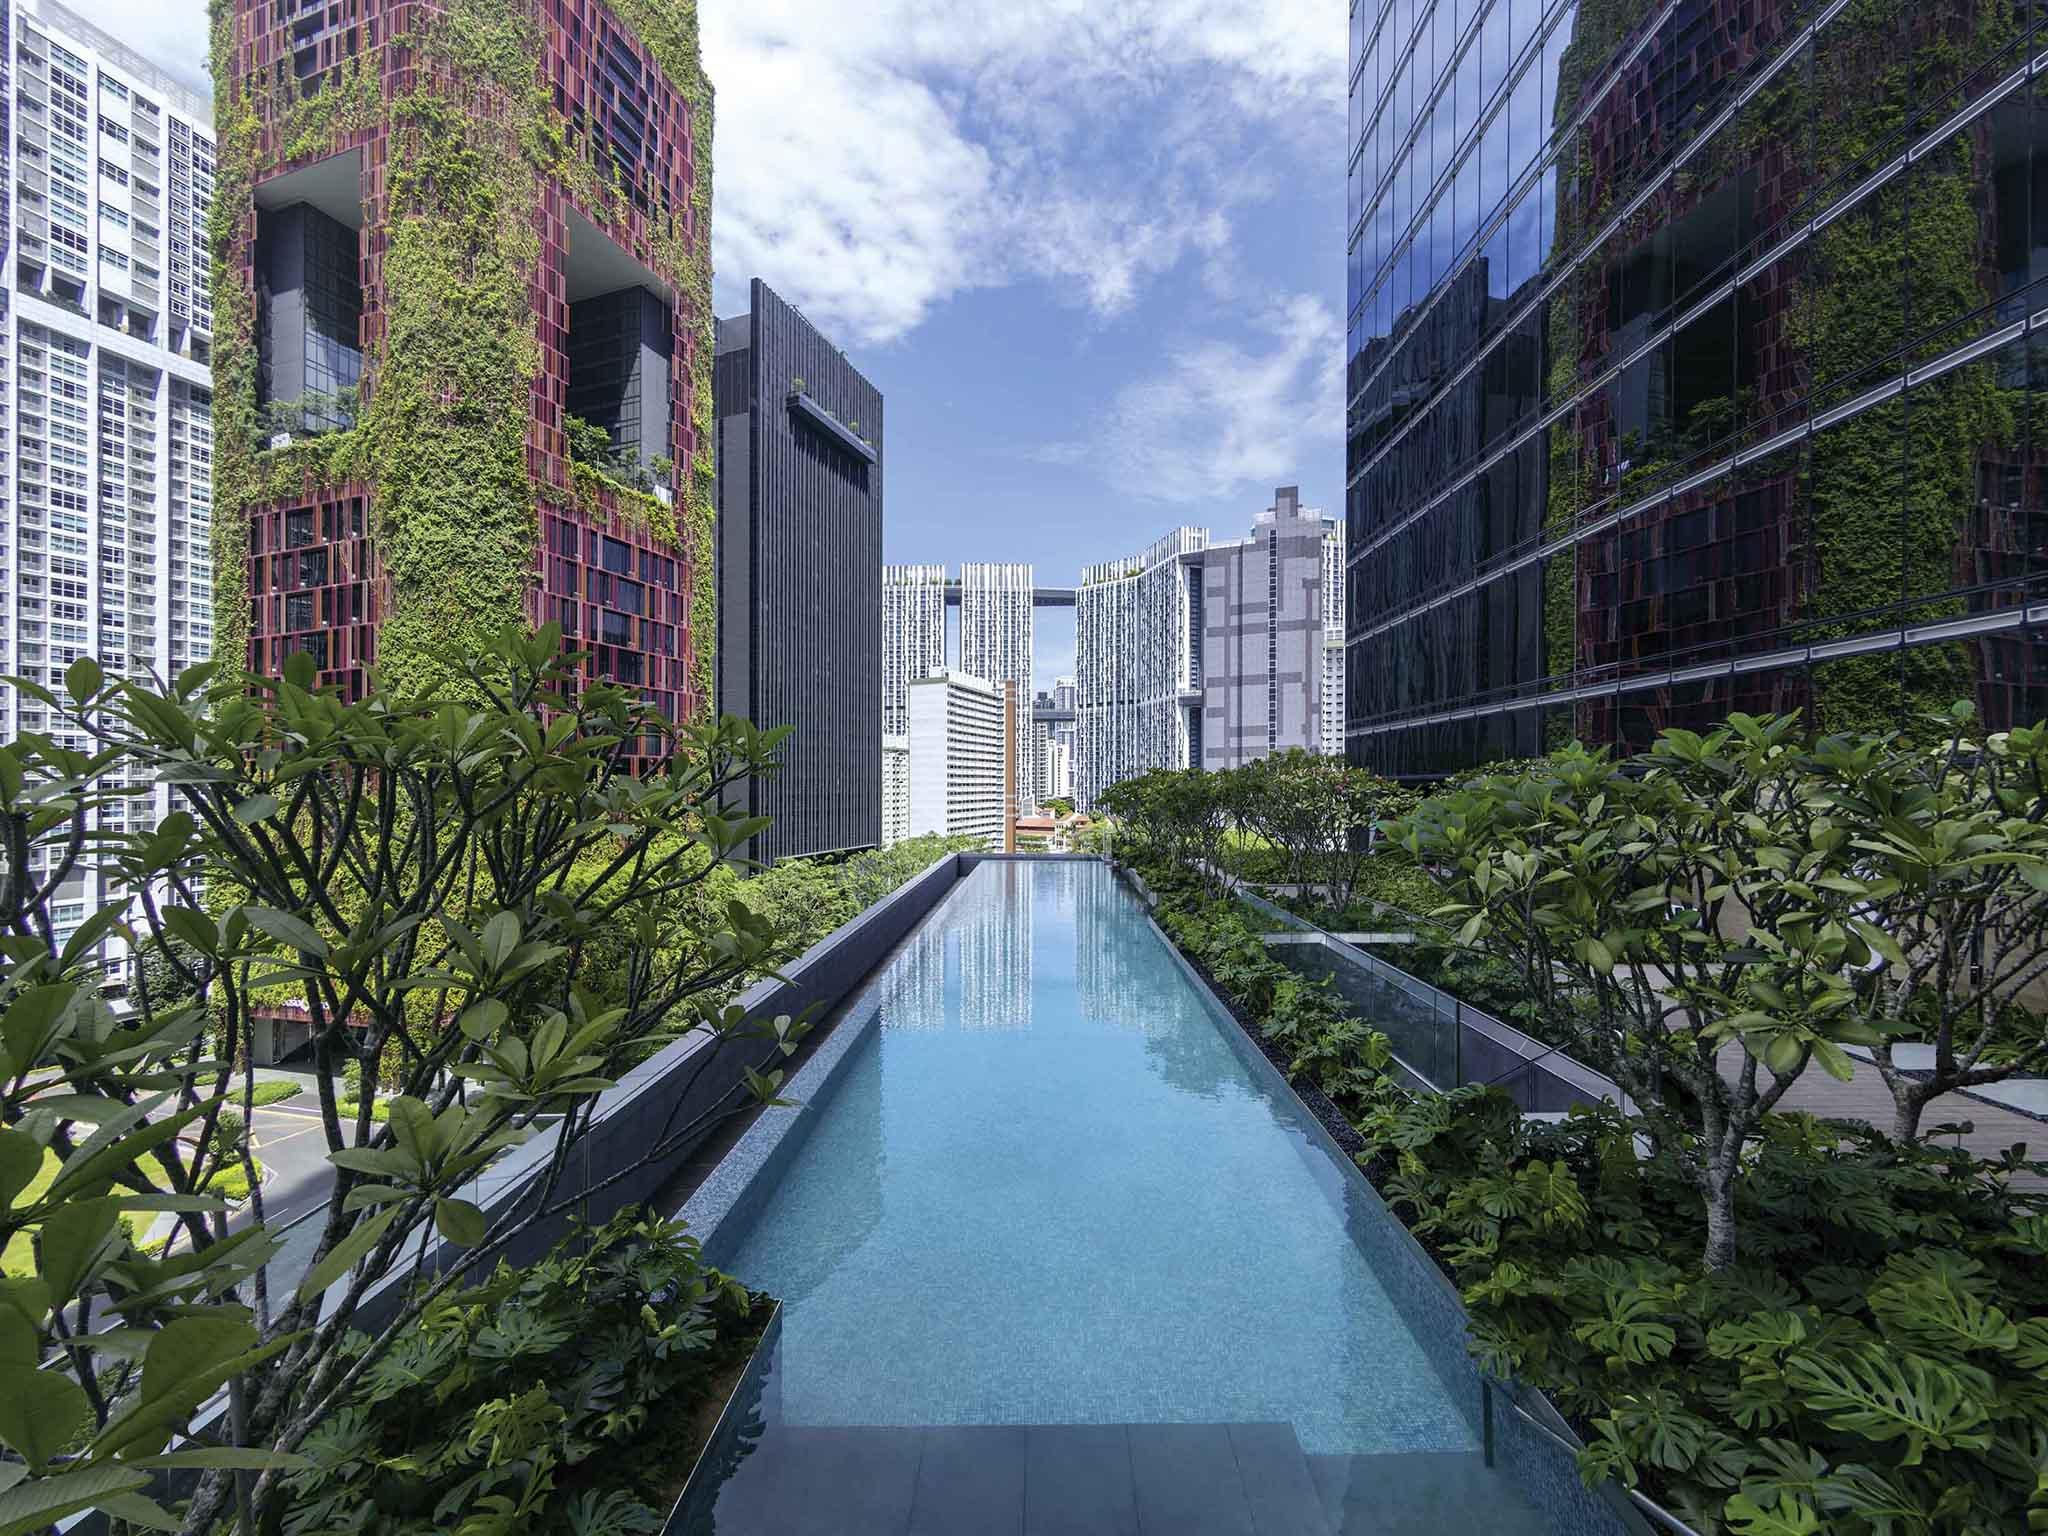 โรงแรม – โซฟิเทล สิงคโปร์ ซิตี้ เซ็นเตอร์